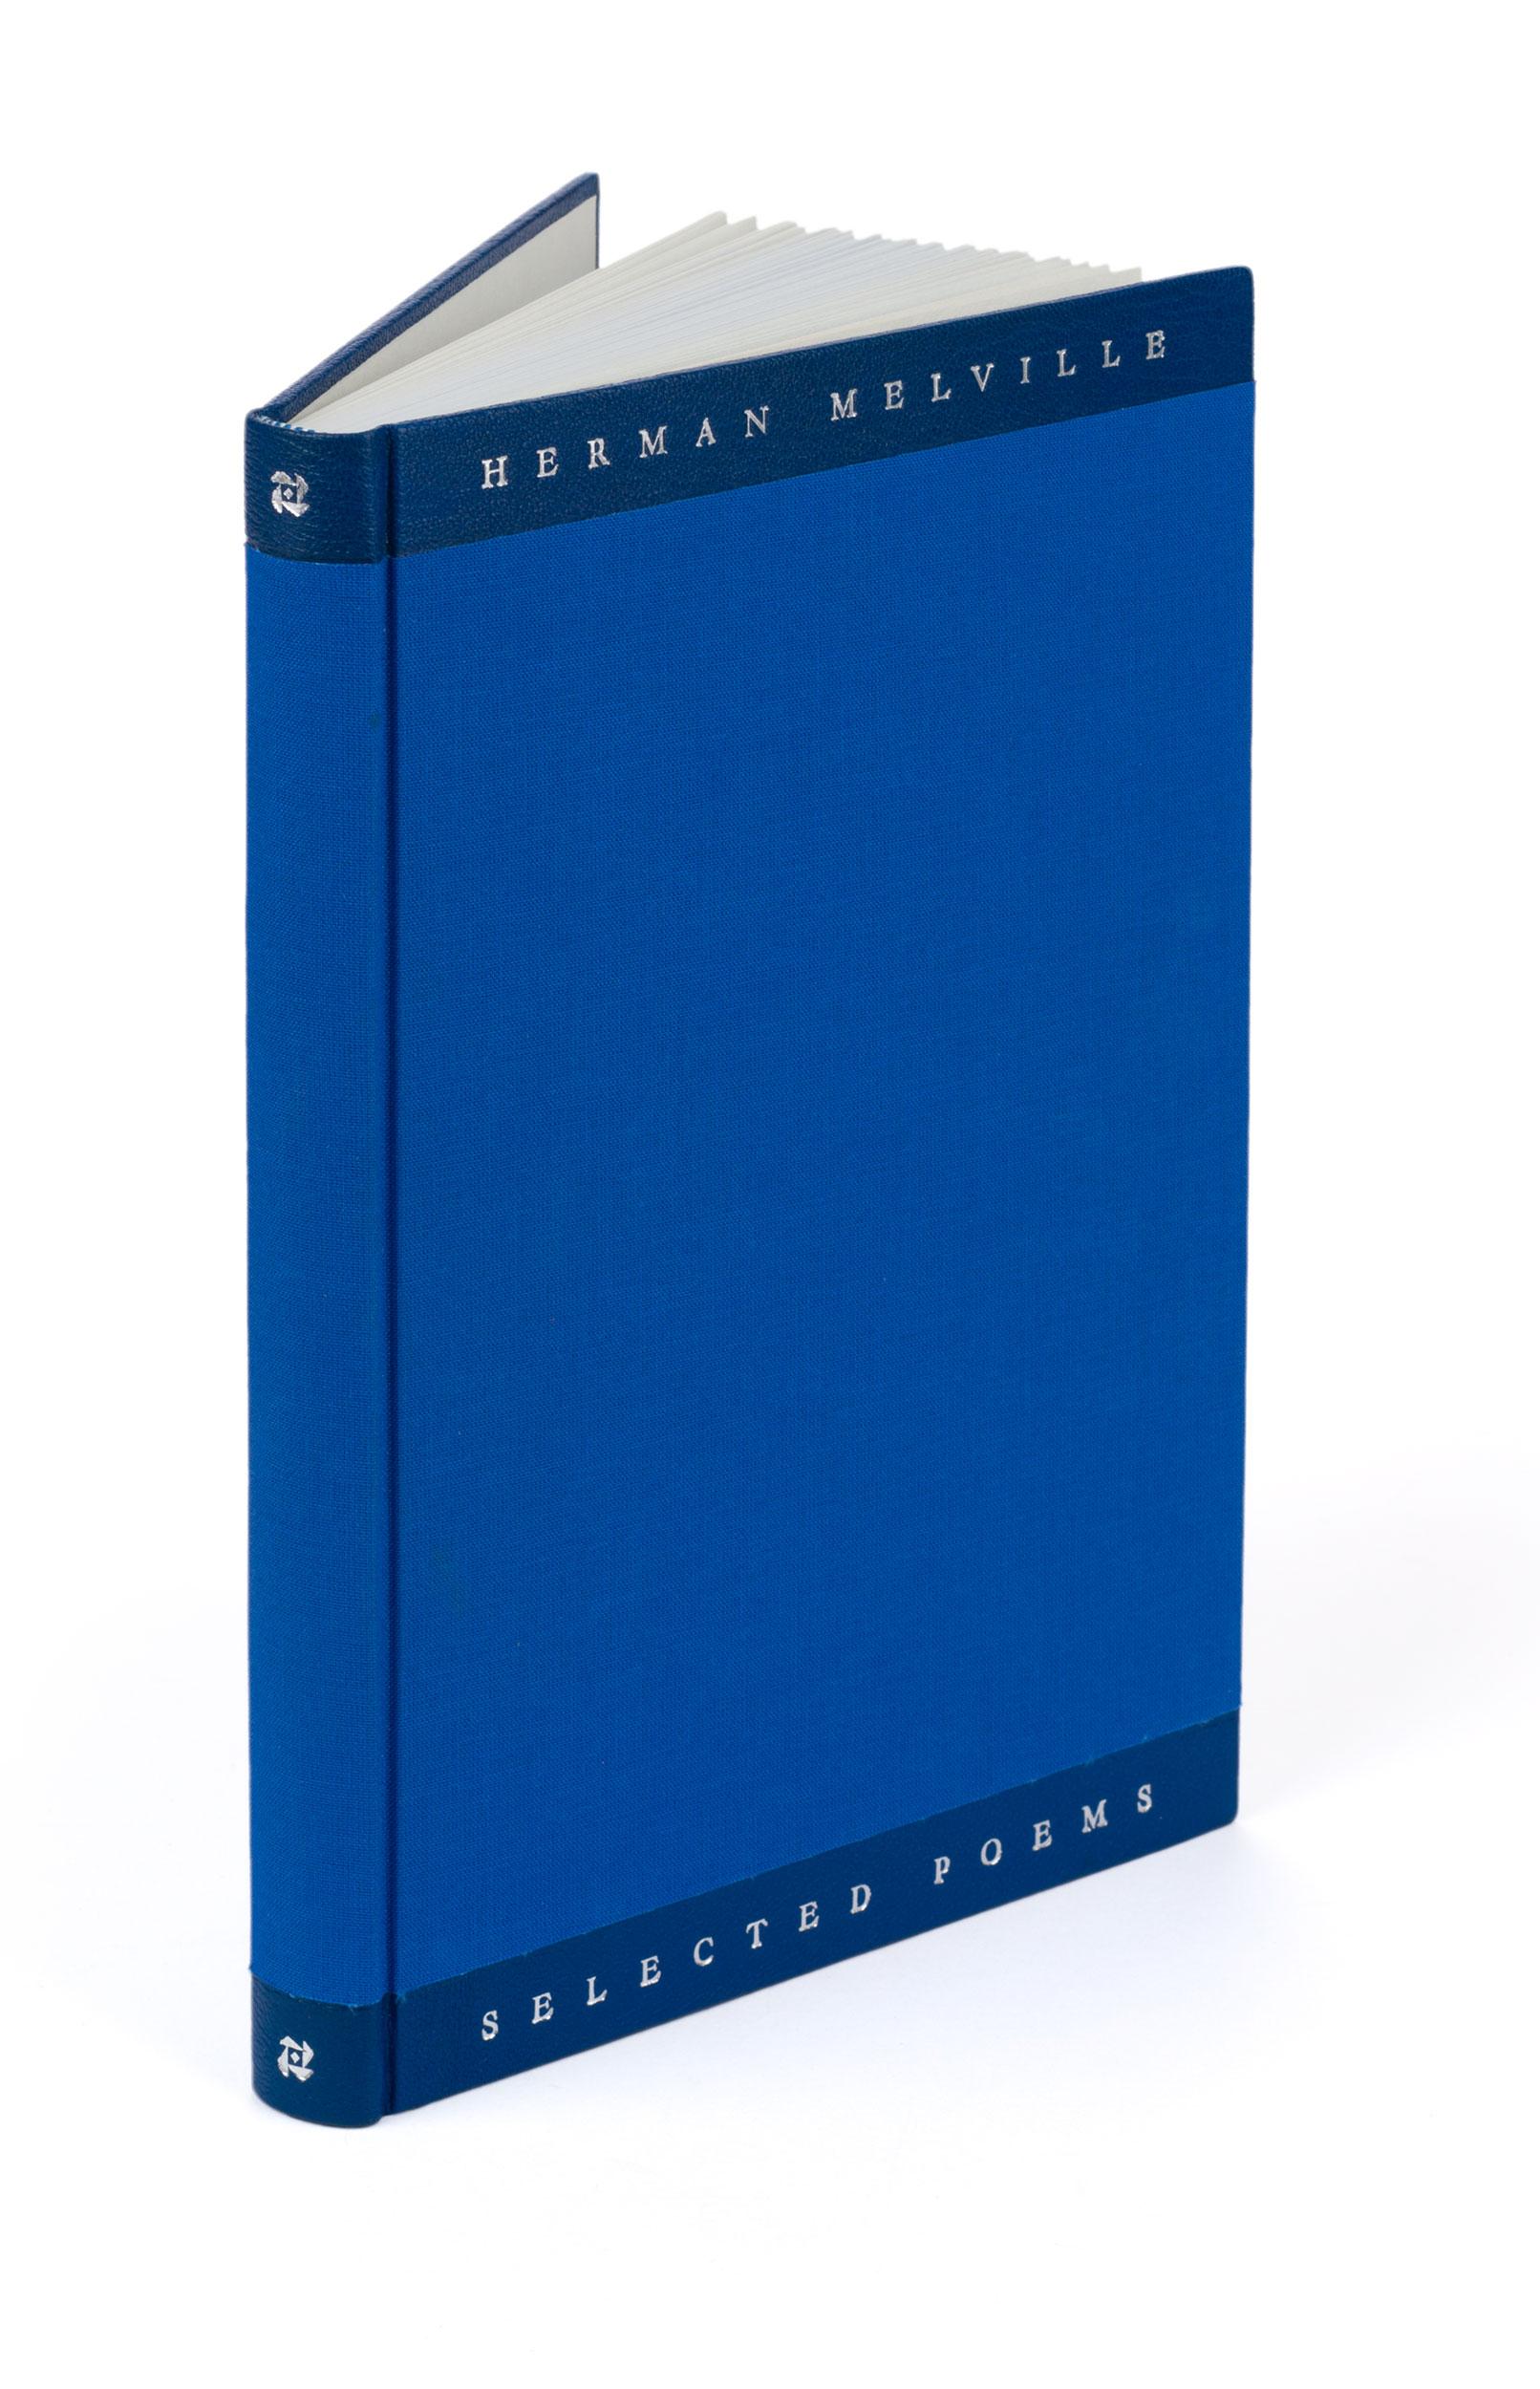 047_Herman-Melville-Poems.34.04.jpg